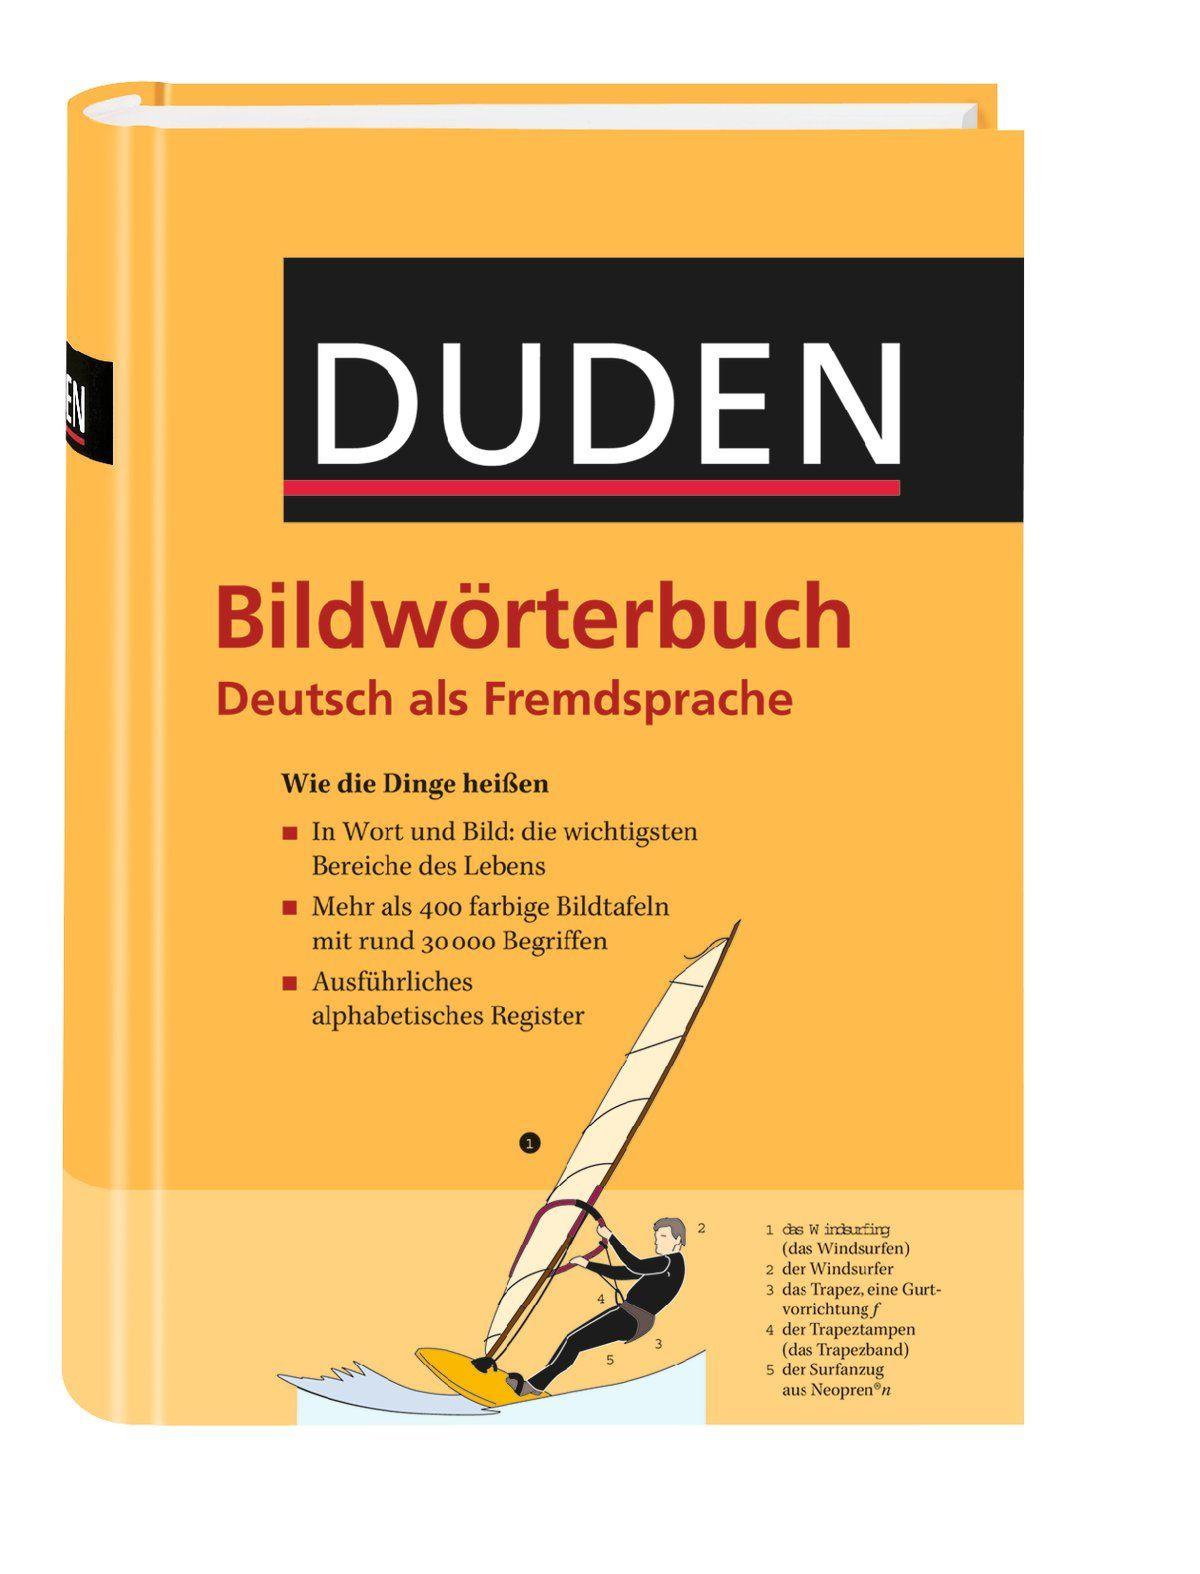 duden bildw rterbuch deutsch als fremdsprache deutsch pinterest deutsch. Black Bedroom Furniture Sets. Home Design Ideas